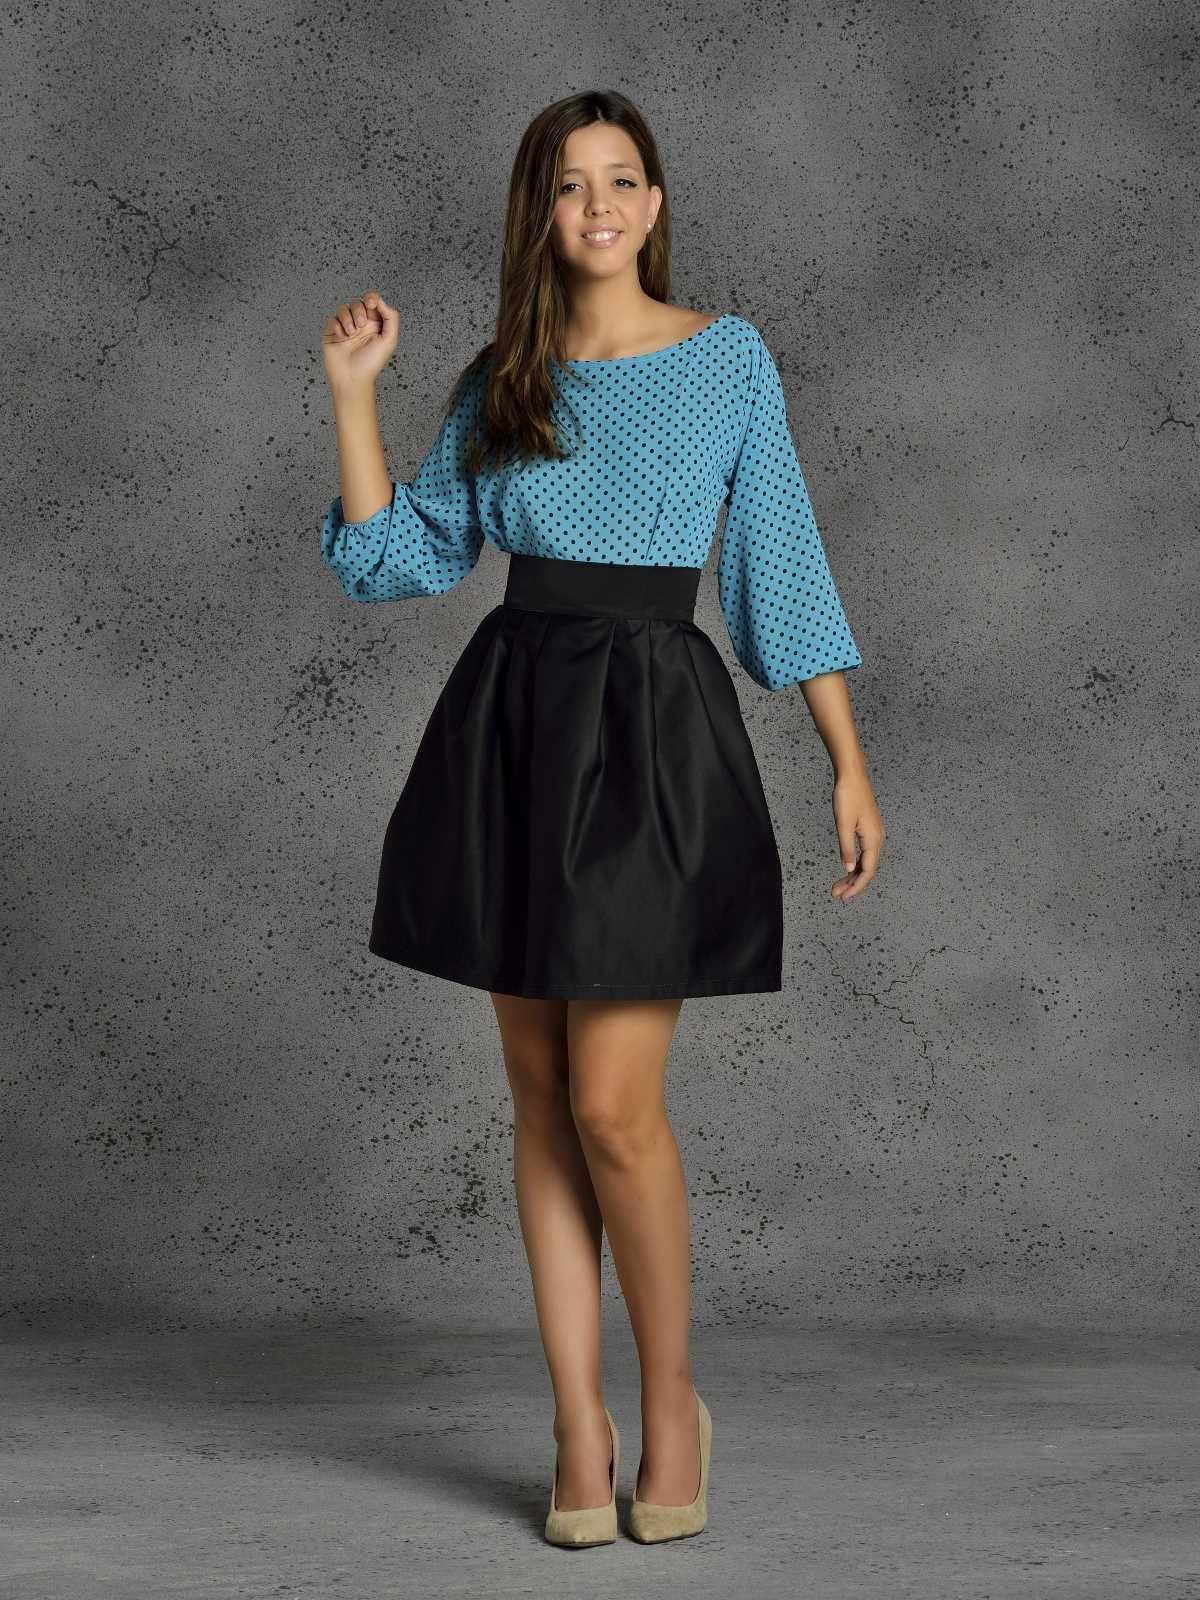 bbb7744a6 Falda Ava. Falda de fiesta con efecto globo.   ideas ropa en 2019 ...